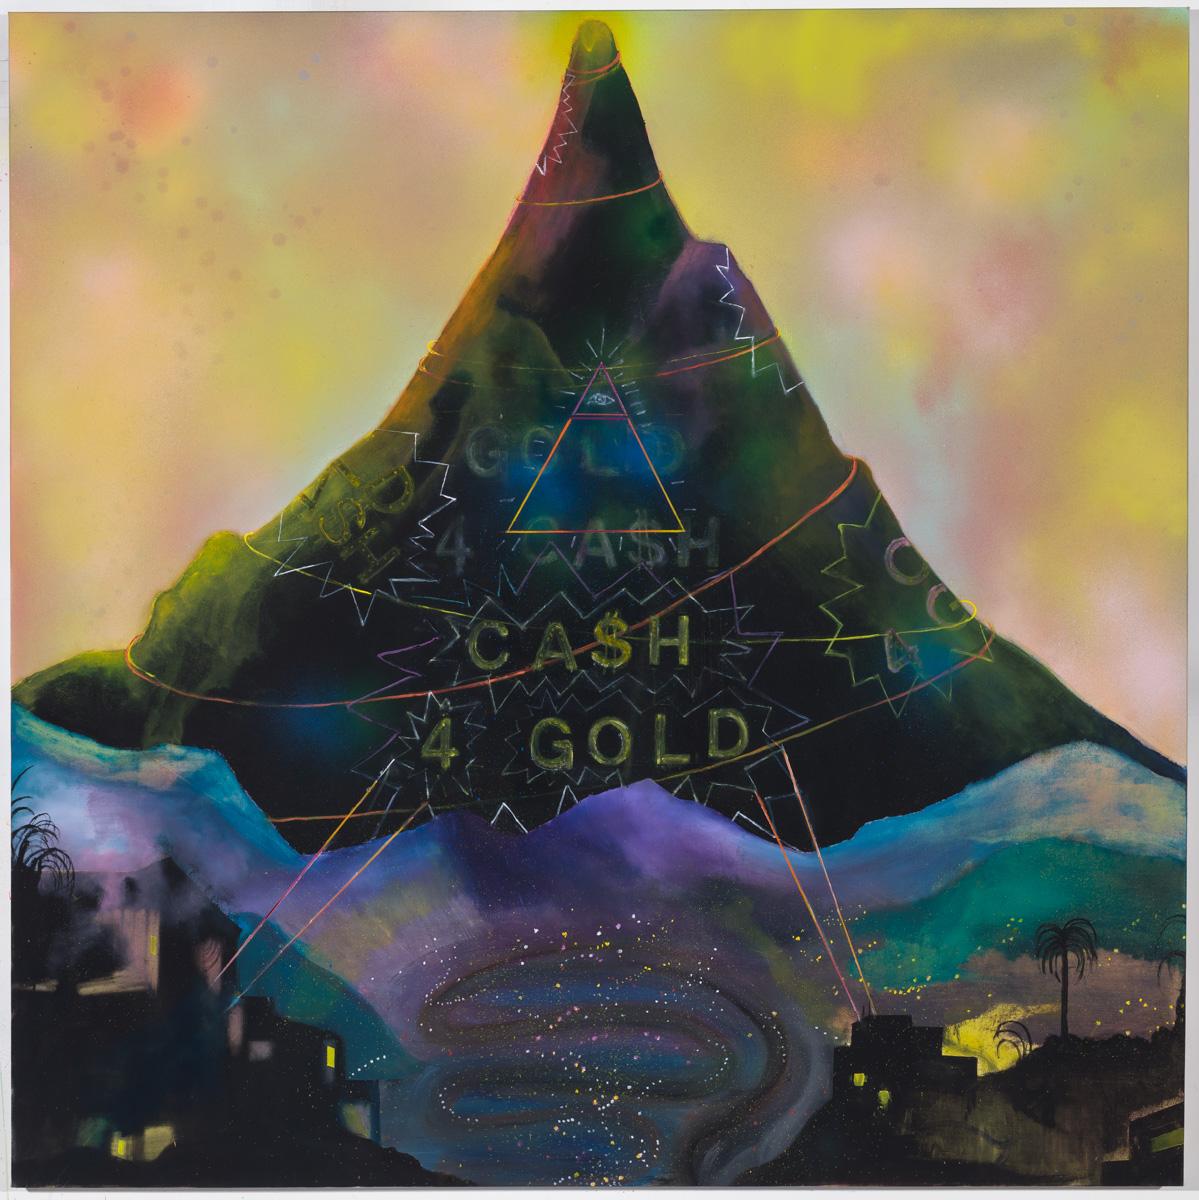 Gold 4 Cash Cash 4 Gold